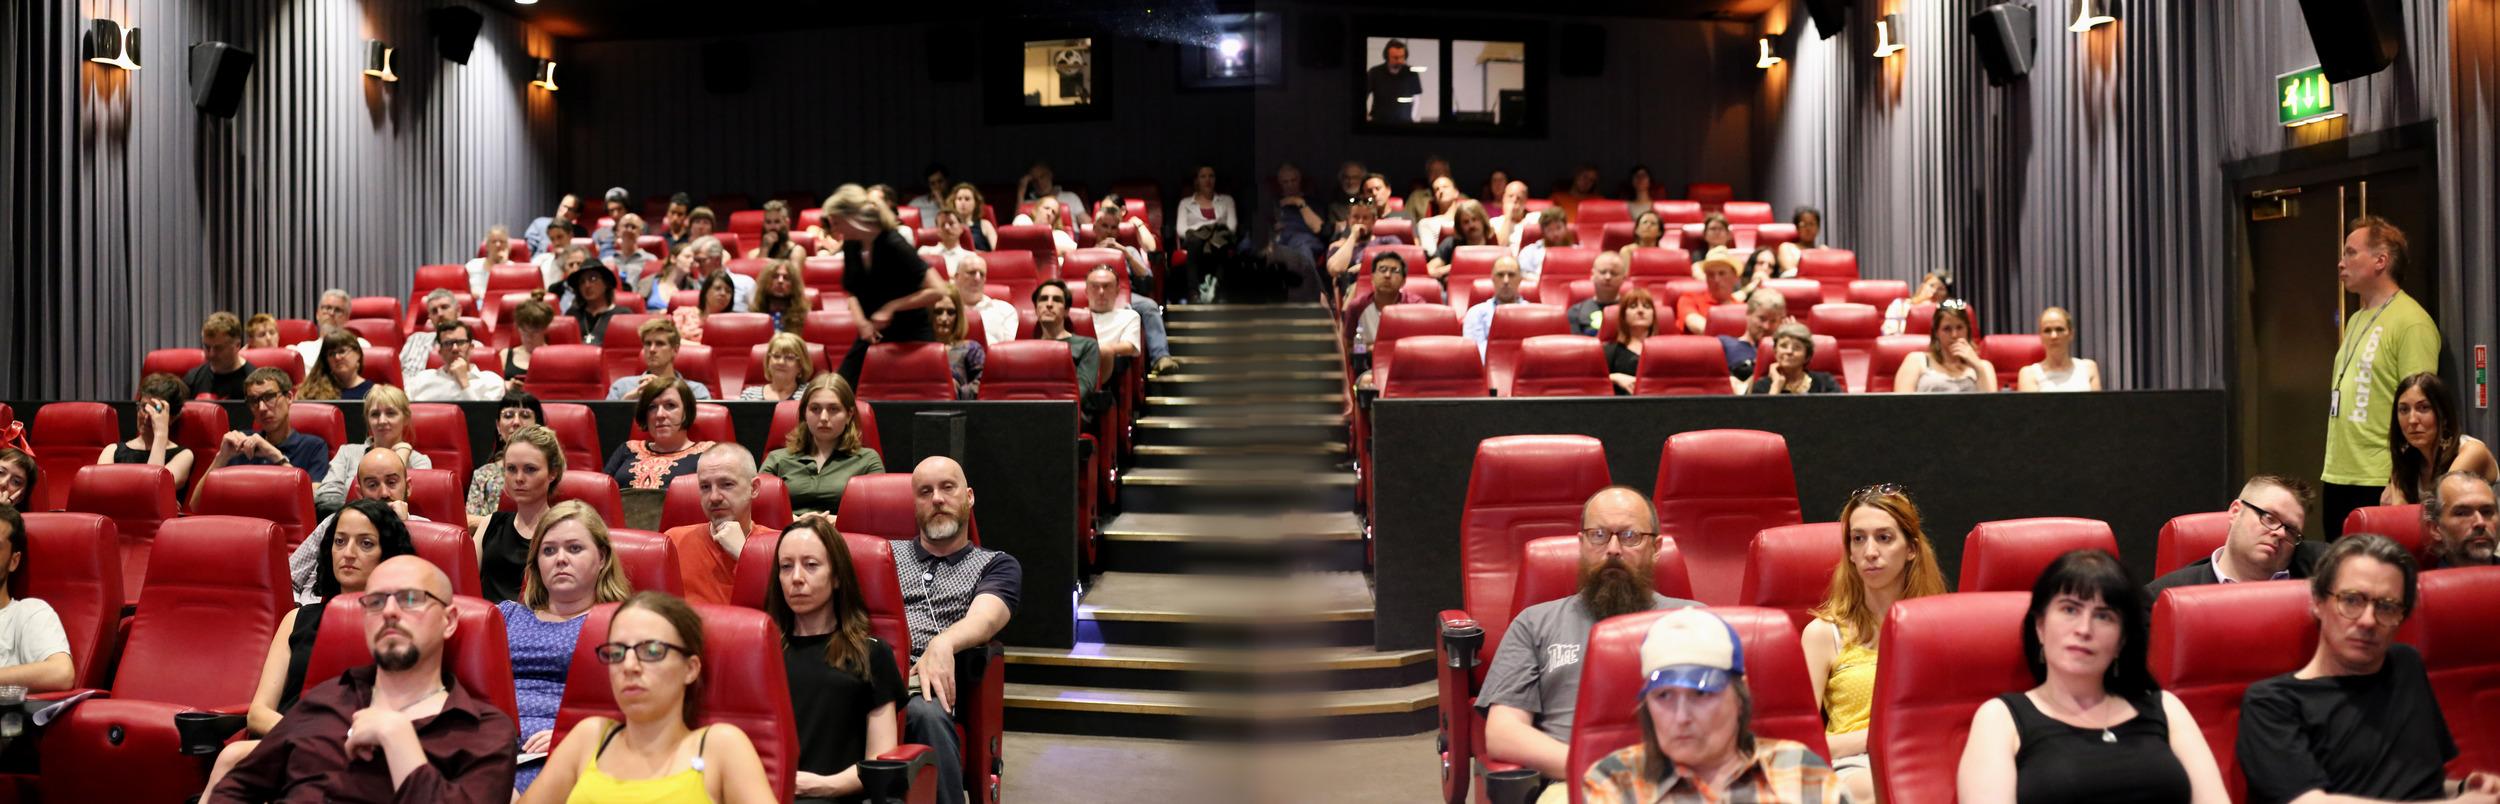 barbican audience.jpg